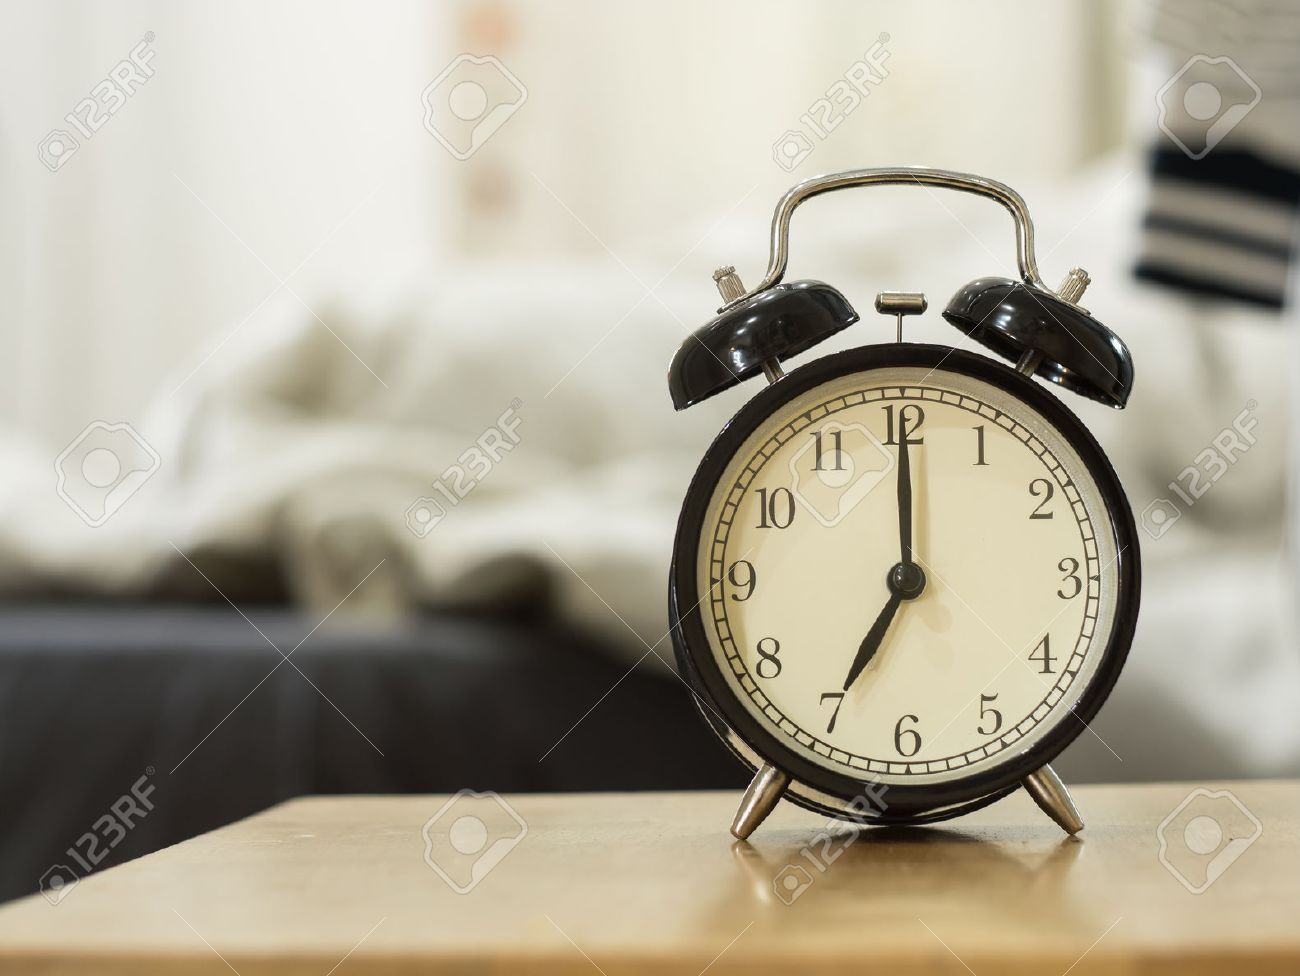 Despertador background De Reloj Para Despertar Up Las La Dormitorio Negro Mostrar Un Retro 7 Mañana EHDI29